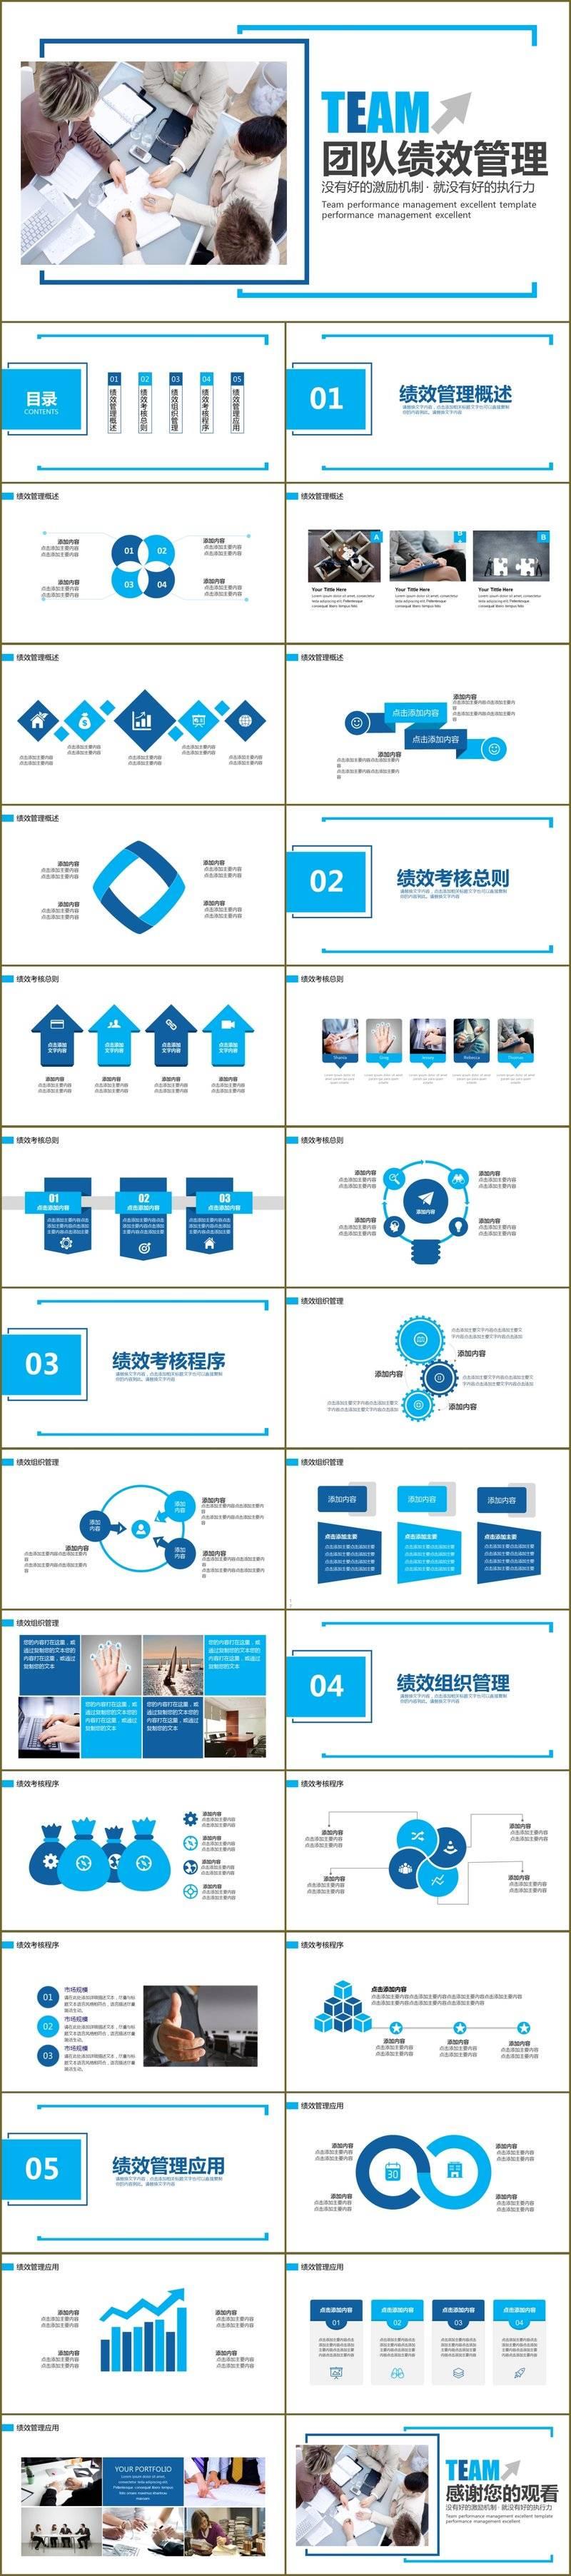 蓝色框架清晰结构公司企业团队建设绩效管理培训ppt模板